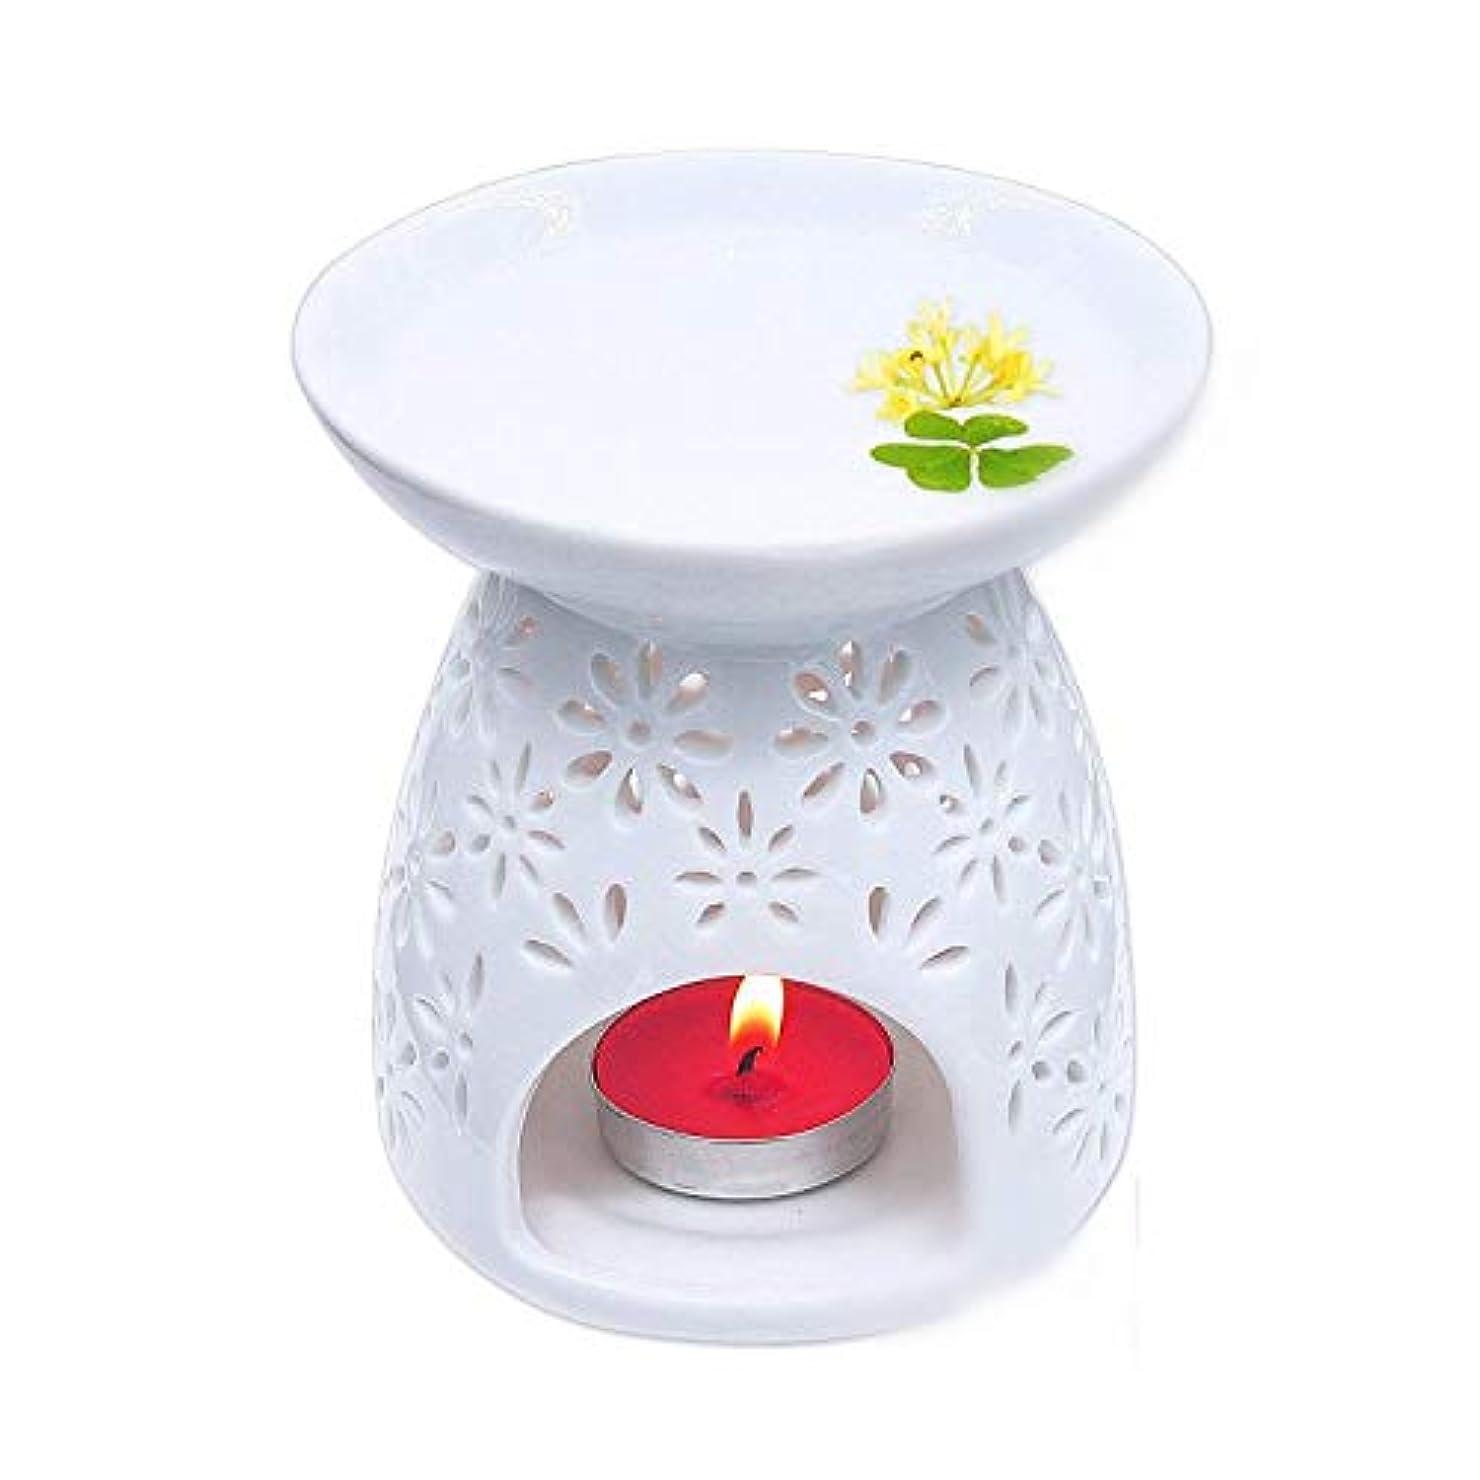 簡略化する十磁気Pursue 茶香炉 アロマ炉 香炉 陶器 精油 香炉置物 薫香 インテリア アロマディフューザー 中空の彫刻工 消臭と癒し おしゃれ